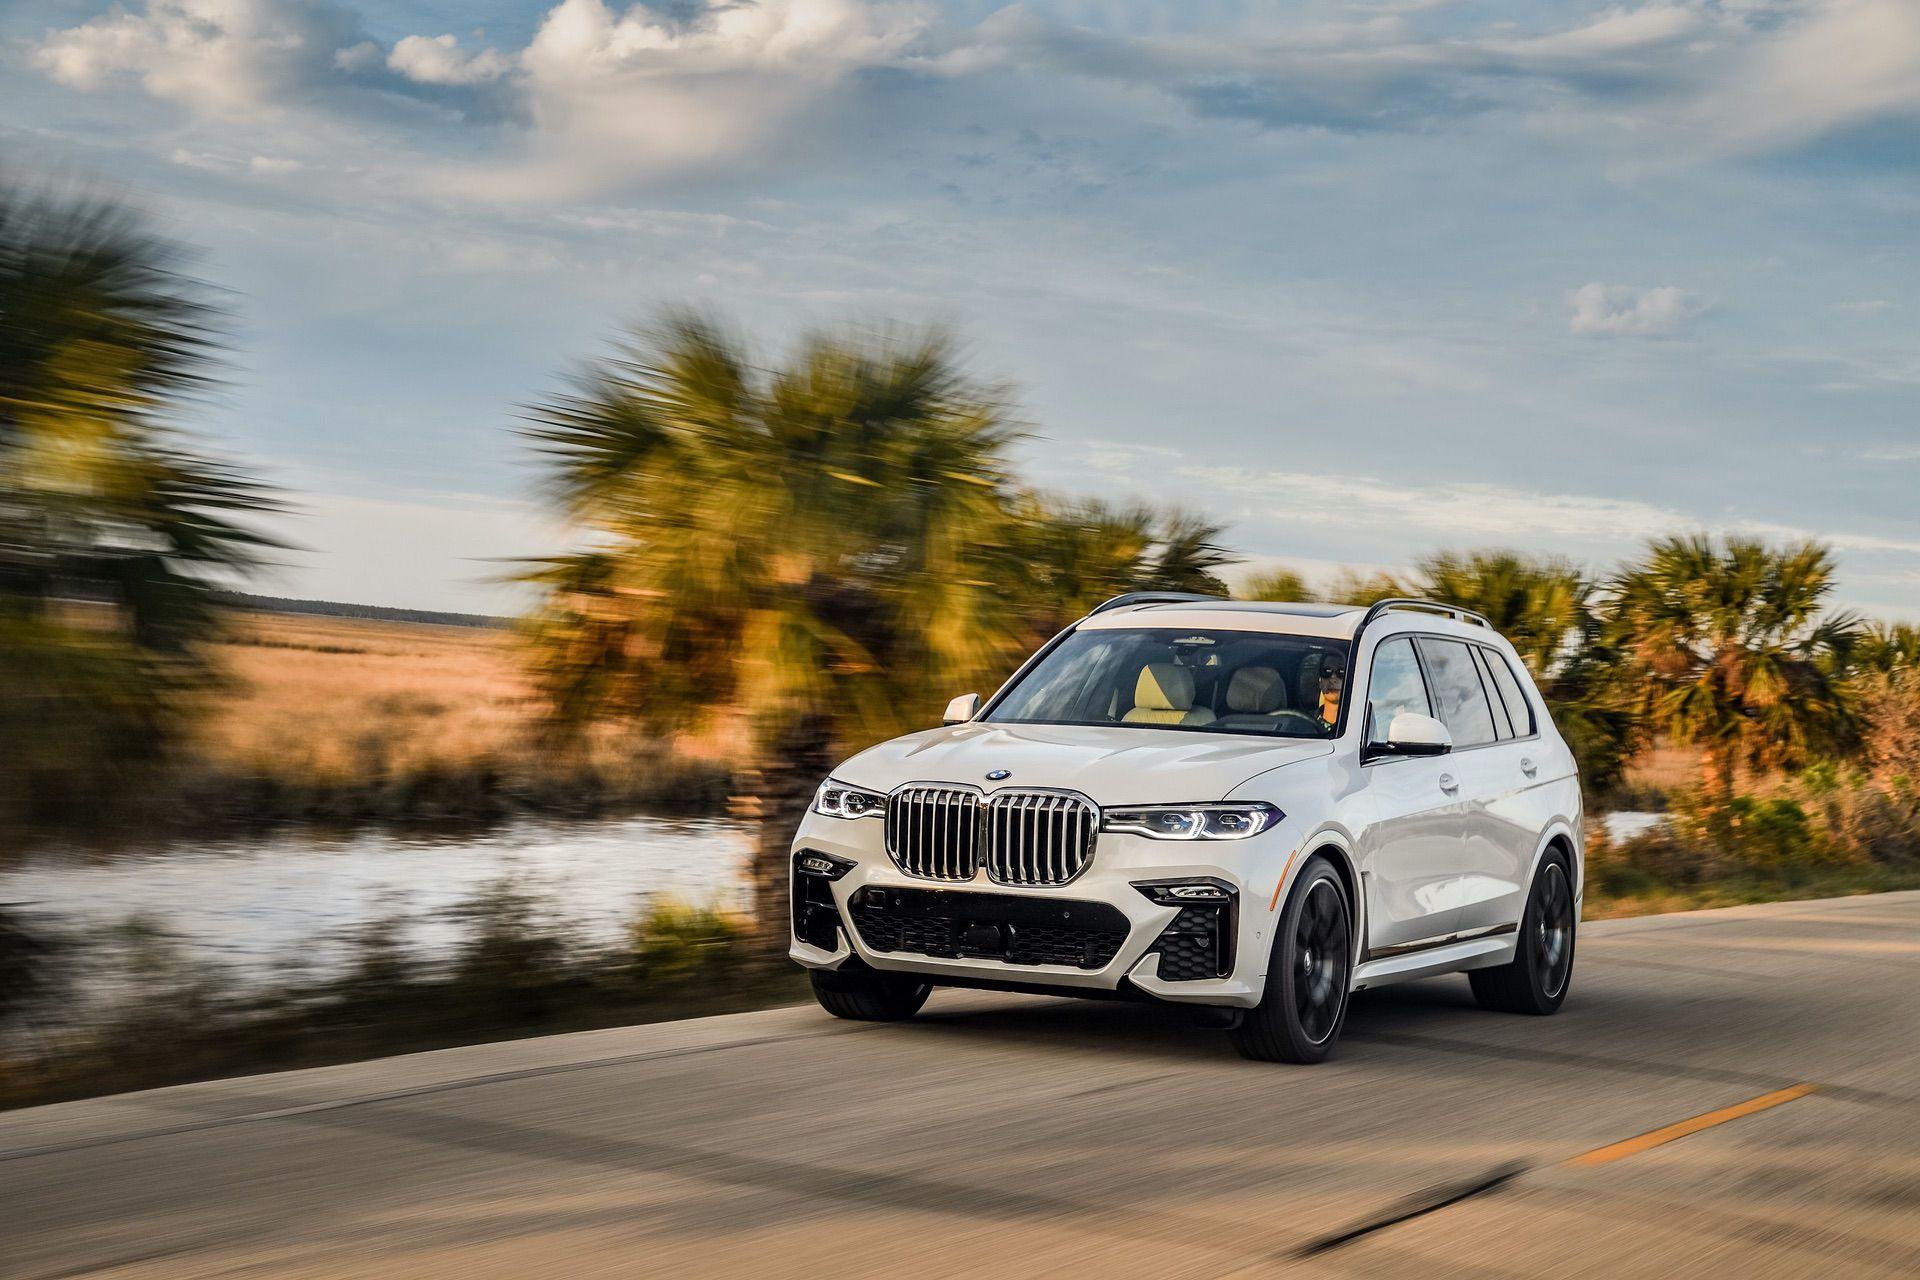 BMW X7 xDrive50i Mineral White 44